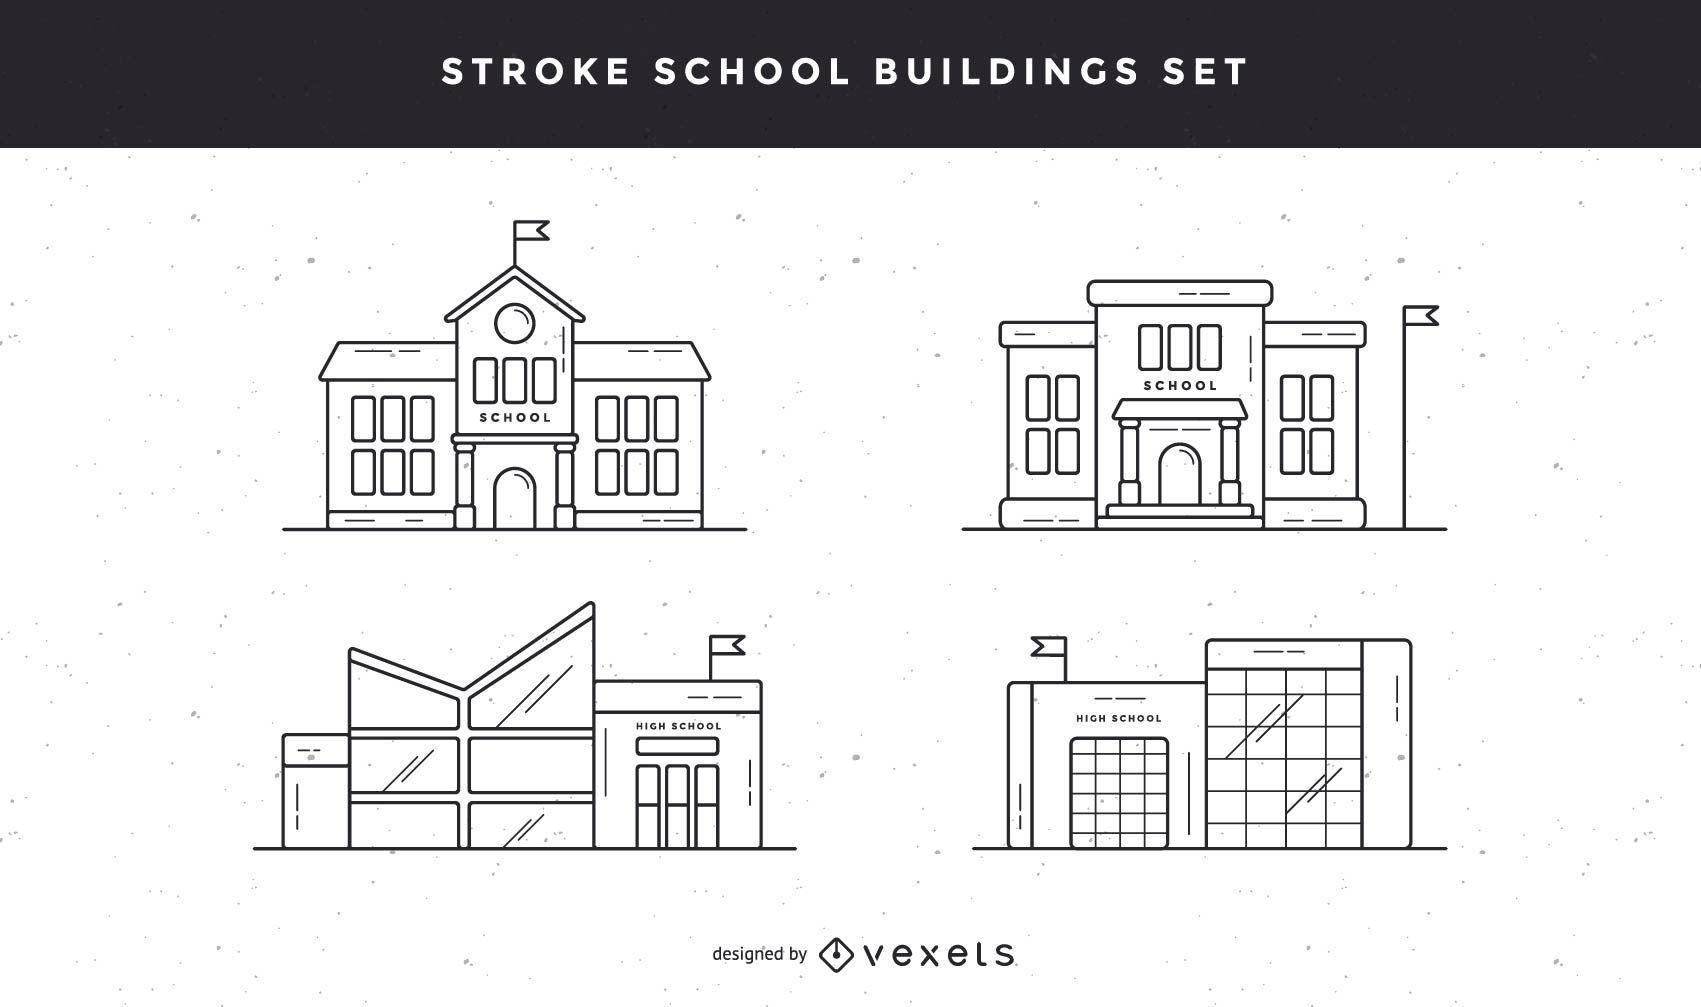 School buildings stroke icon set